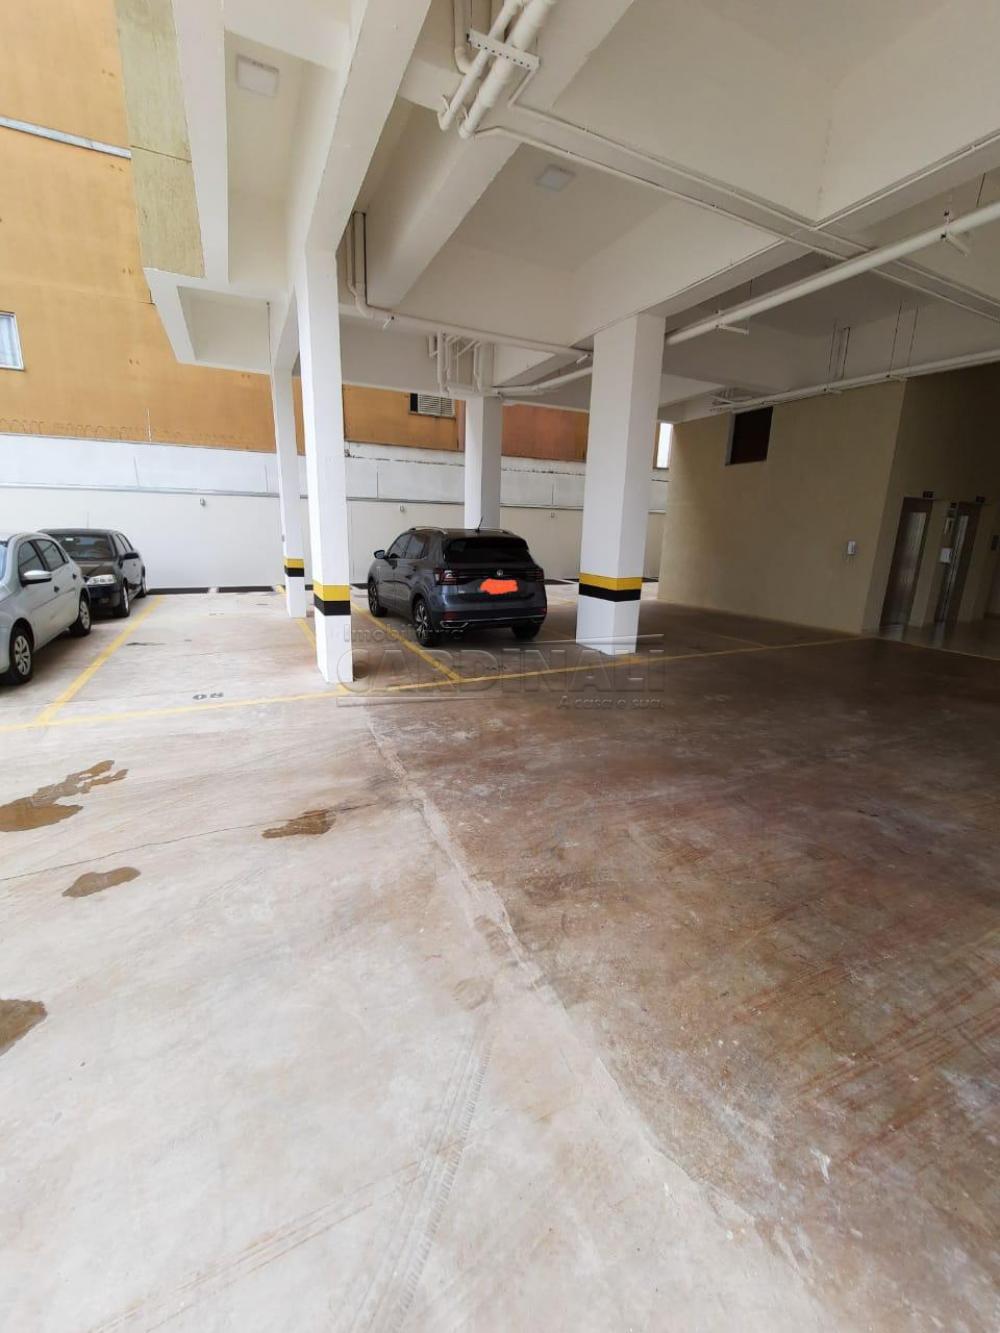 Alugar Apartamento / Padrão em São Carlos R$ 1.800,00 - Foto 4